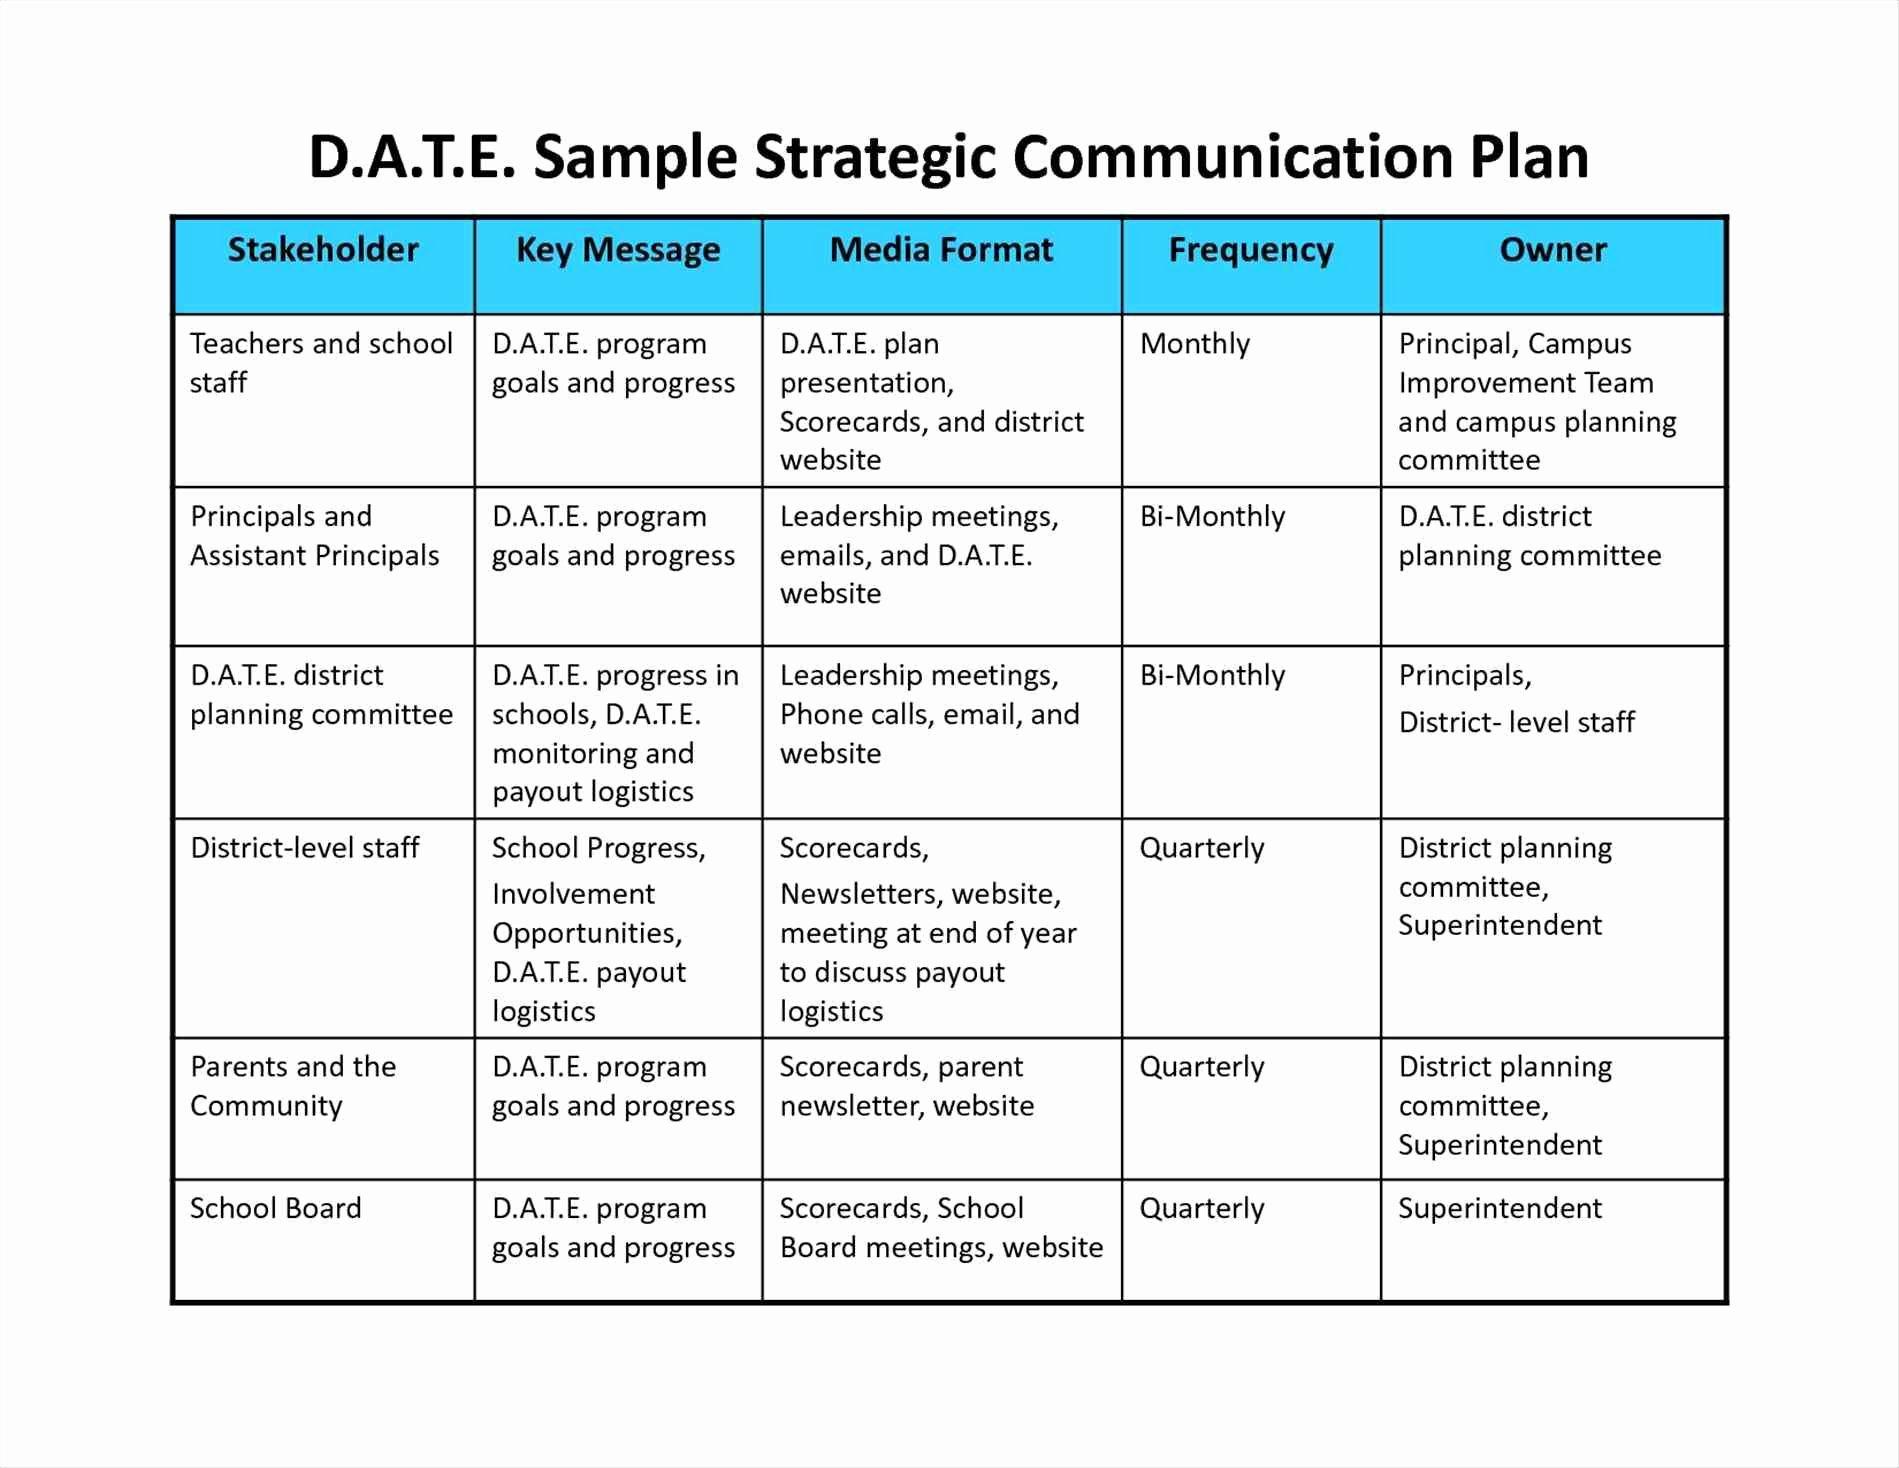 Marketing Communications Plan Template Lovely Pin by Luke at Illinoistech On Marketing & Munications